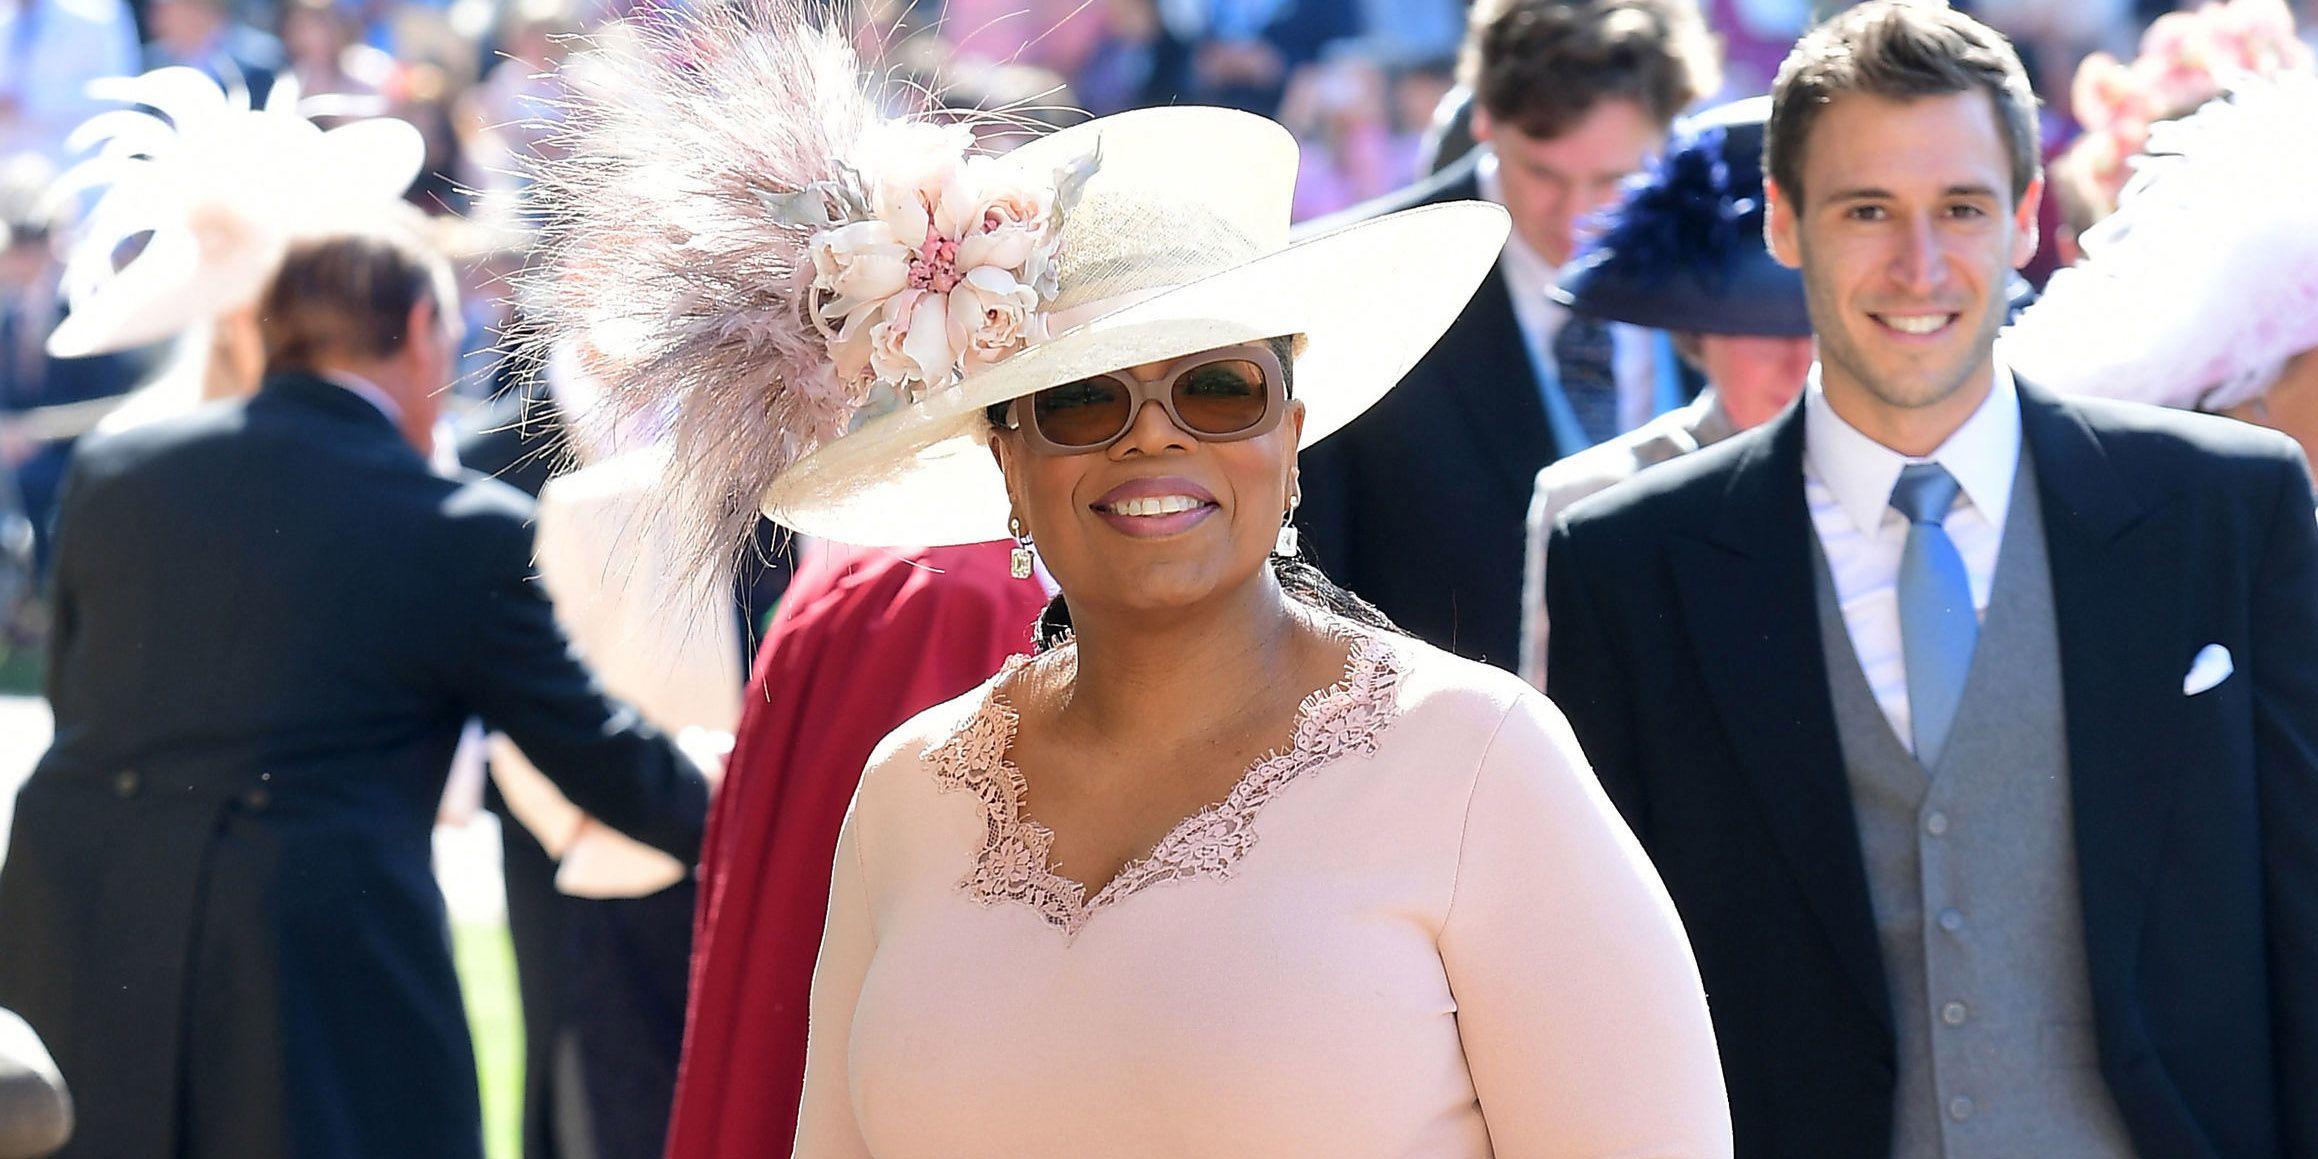 Oprah Winfrey Royal Wedding.Oprah Winfrey Reveals The Adorable Message She Took Away From Meghan